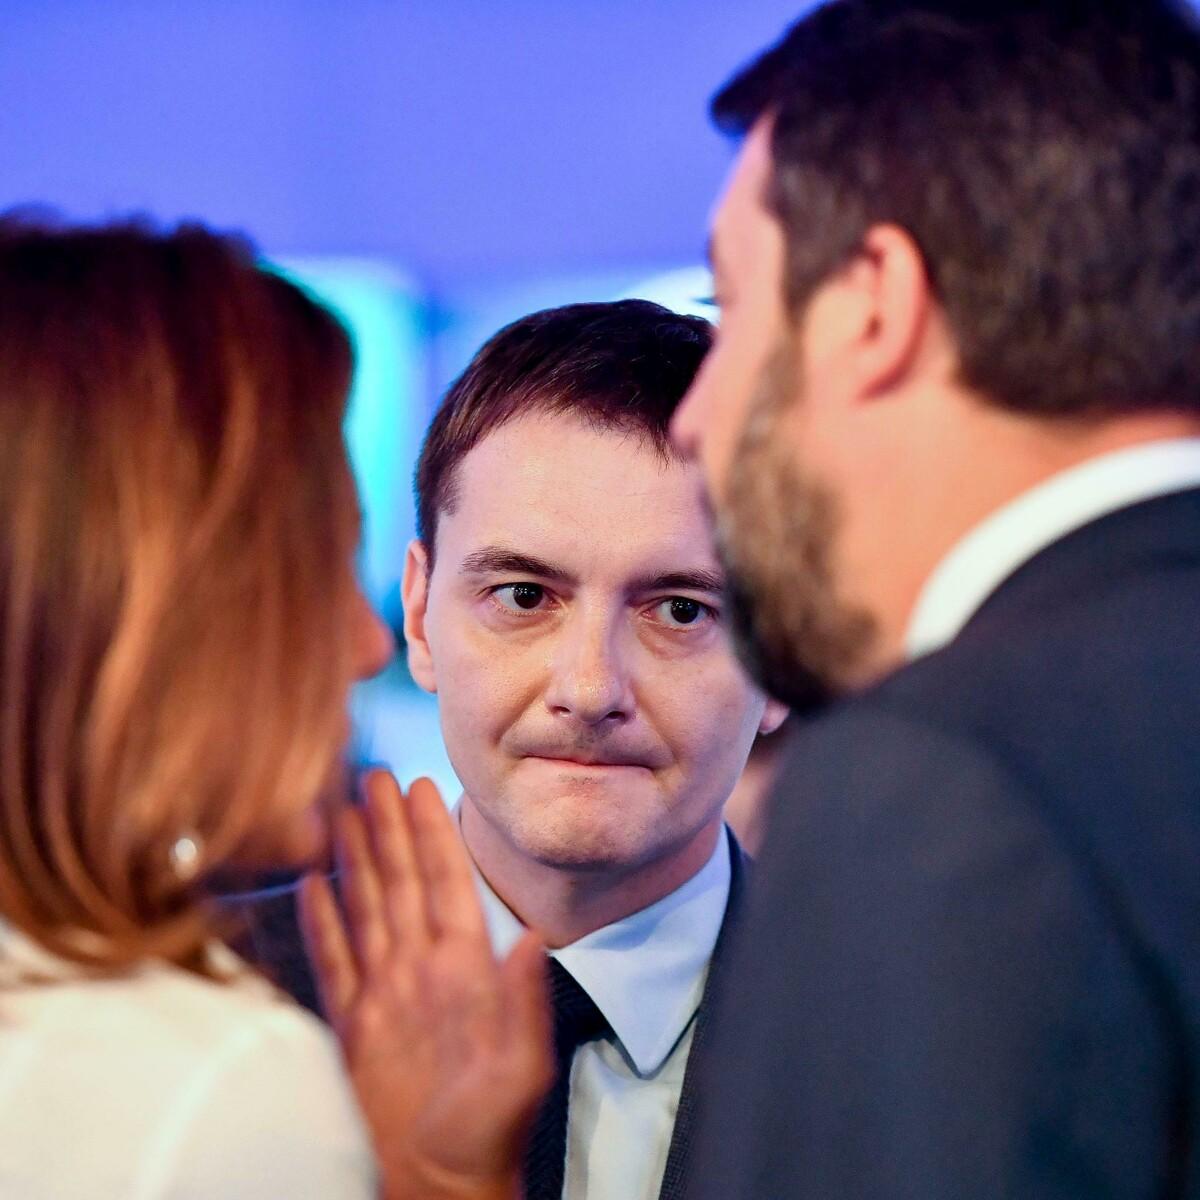 Chi è Luca Morisi e perché è stato così importante per Salvini